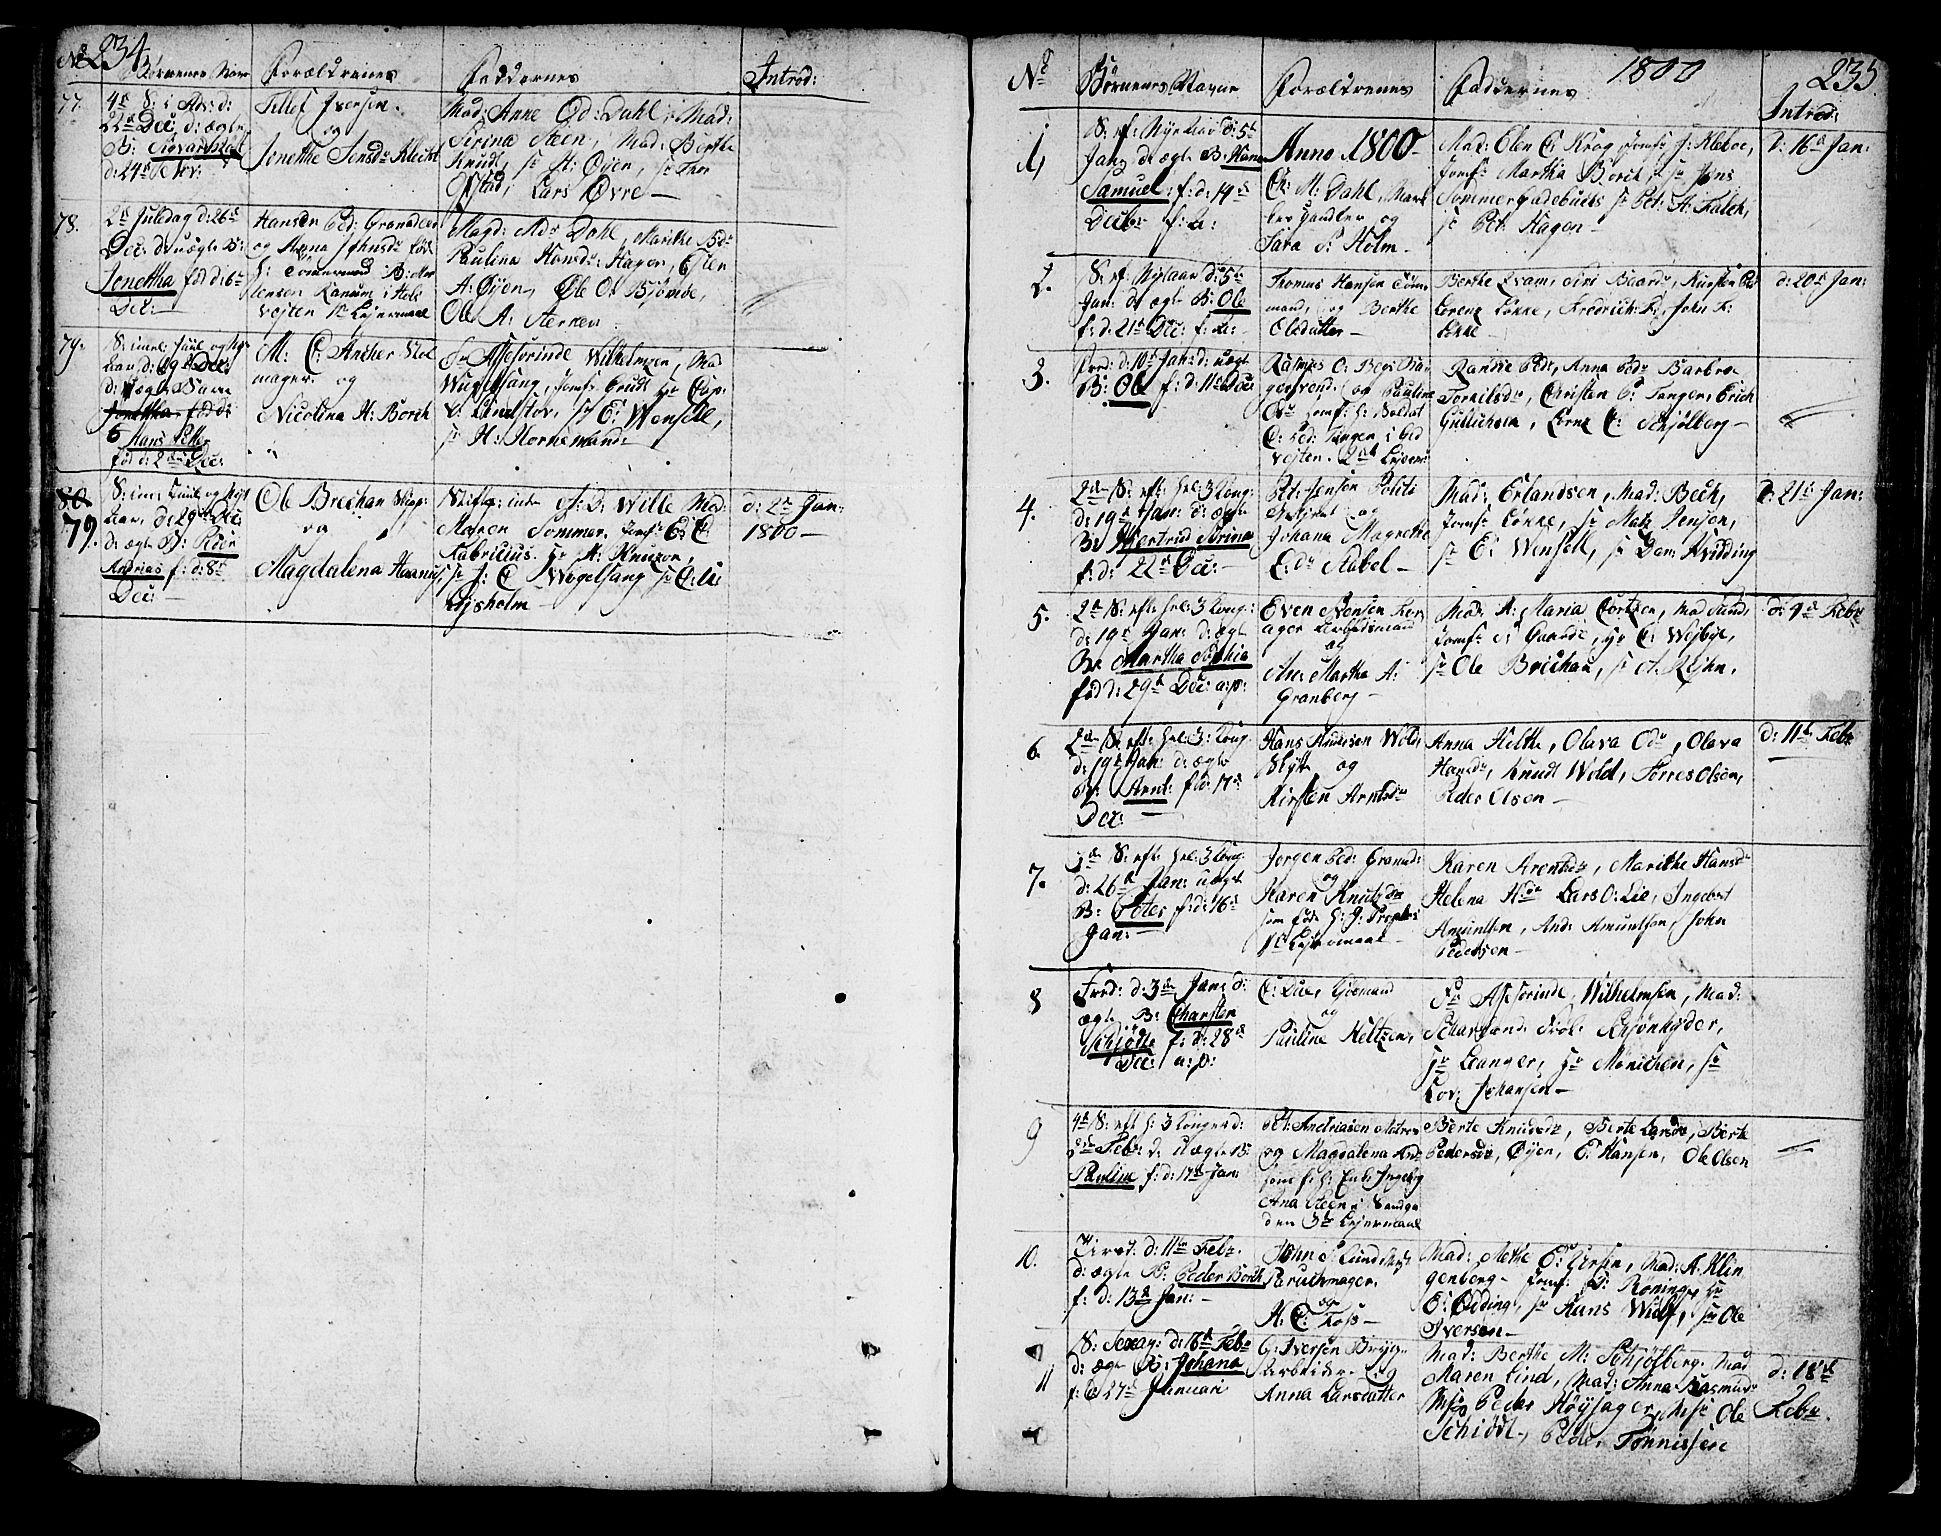 SAT, Ministerialprotokoller, klokkerbøker og fødselsregistre - Sør-Trøndelag, 602/L0104: Ministerialbok nr. 602A02, 1774-1814, s. 234-235